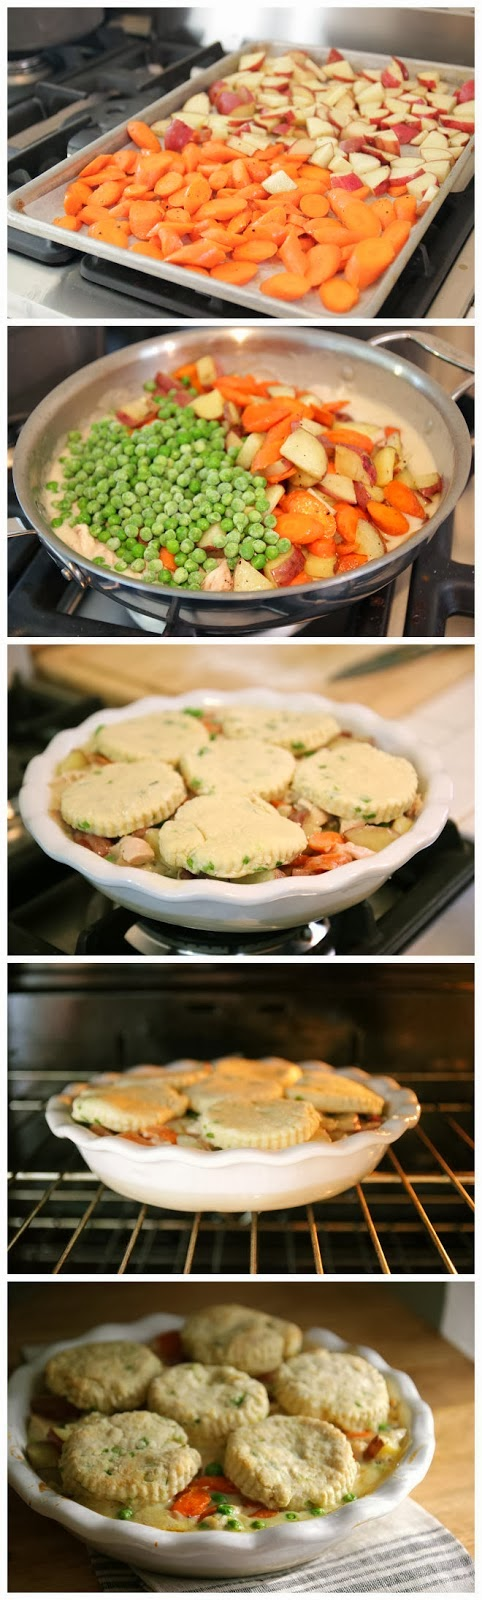 Chicken & Chive Biscuits Pot Pie